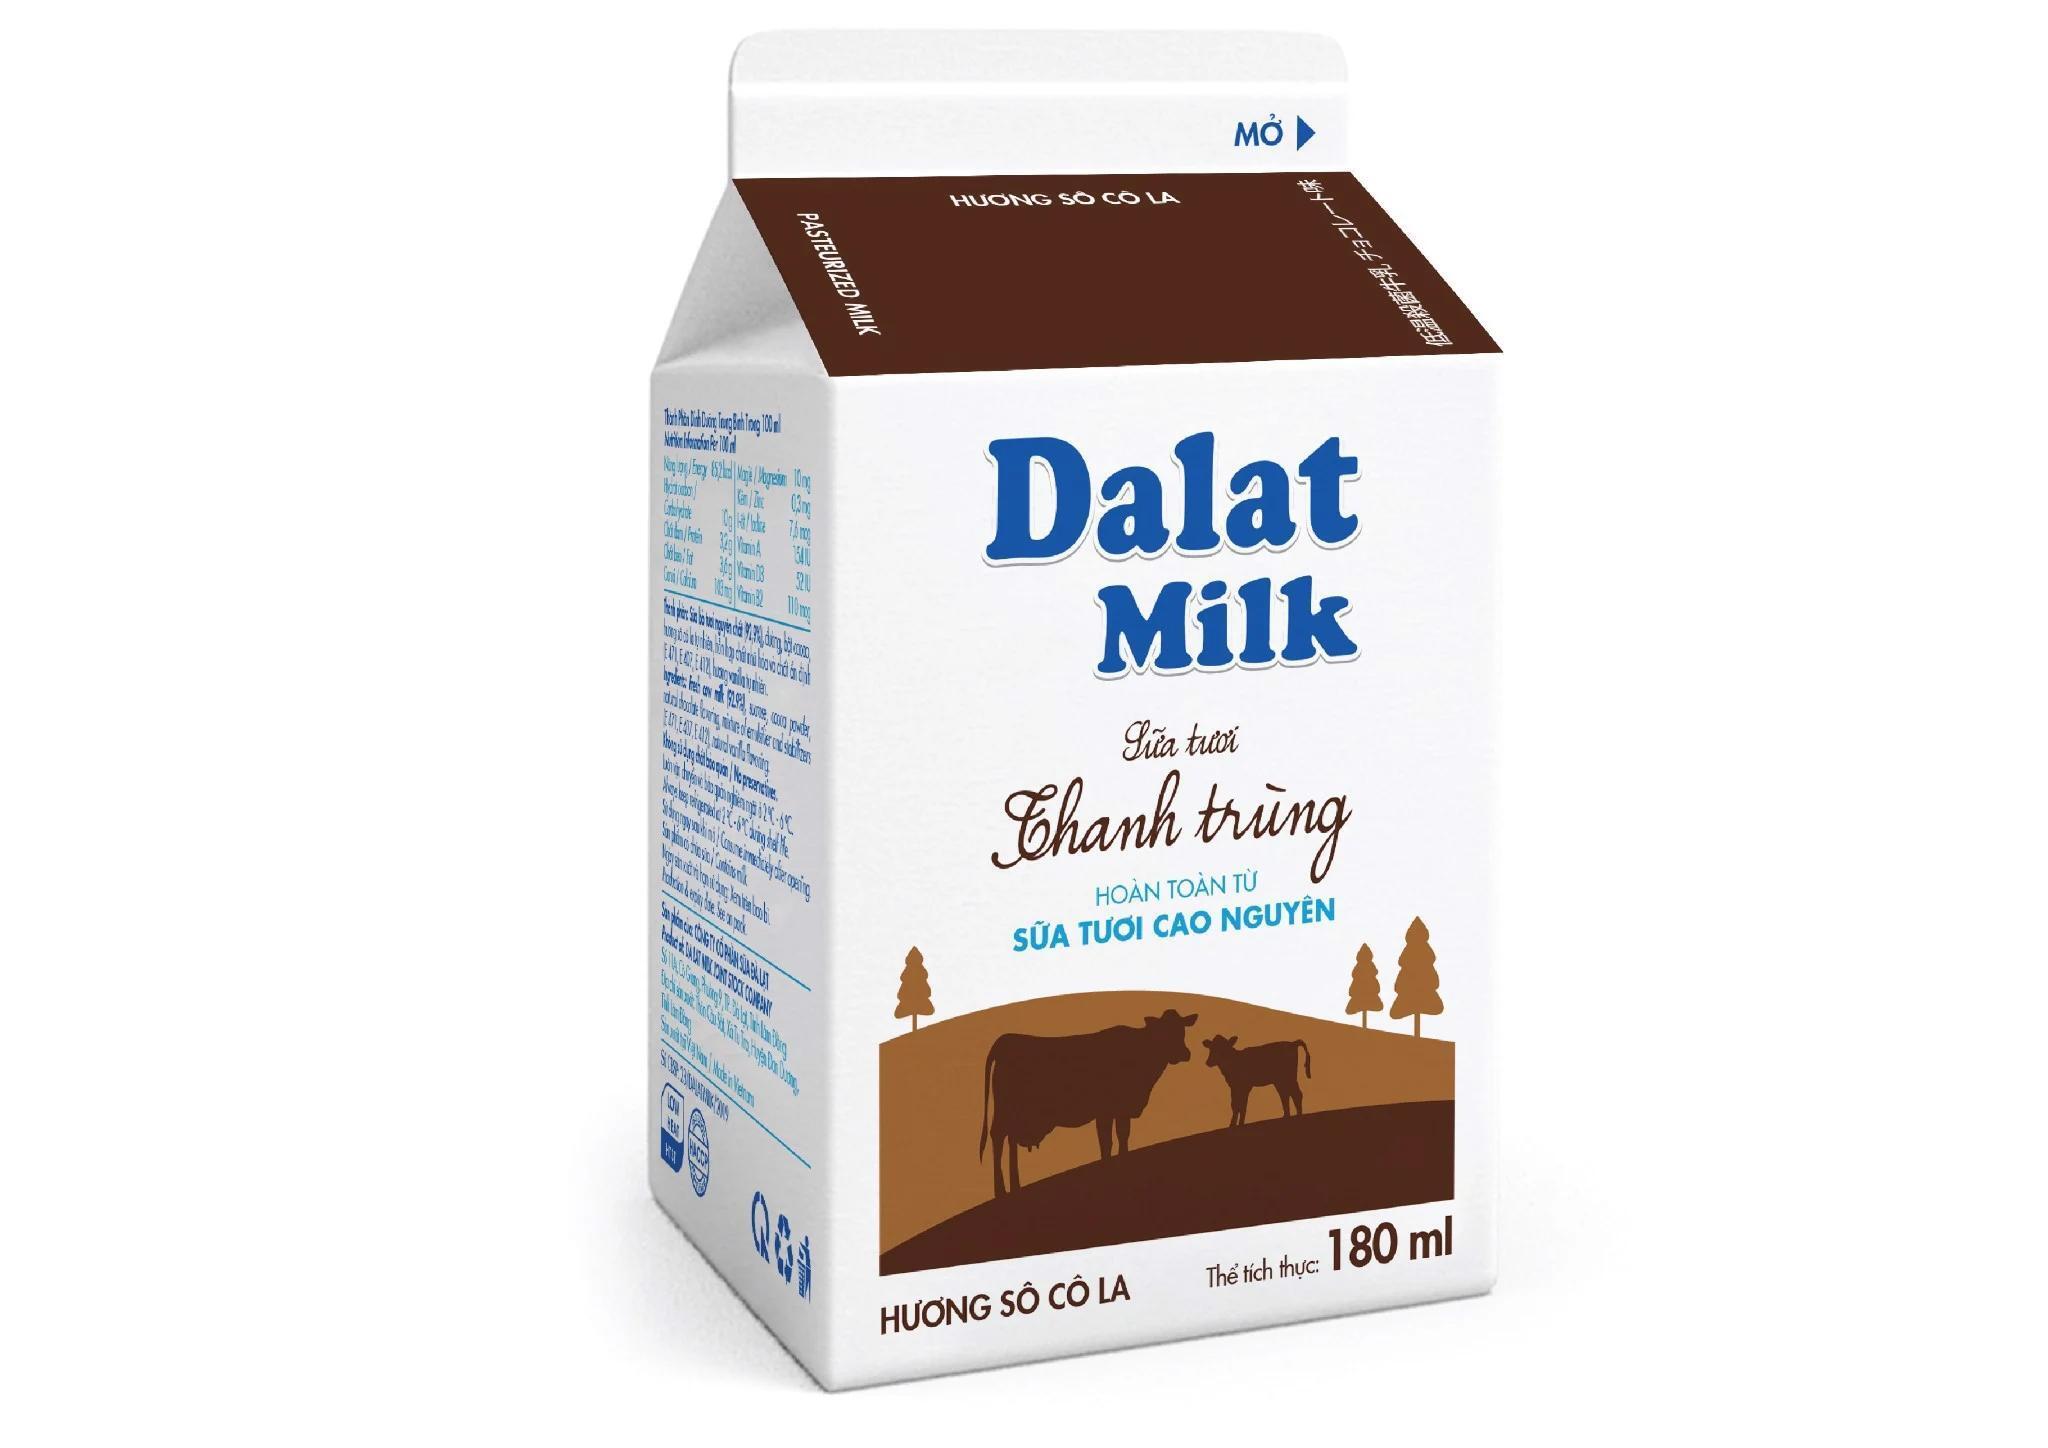 Sữa tươi thanh trùng Dalat milk socola – 180ml